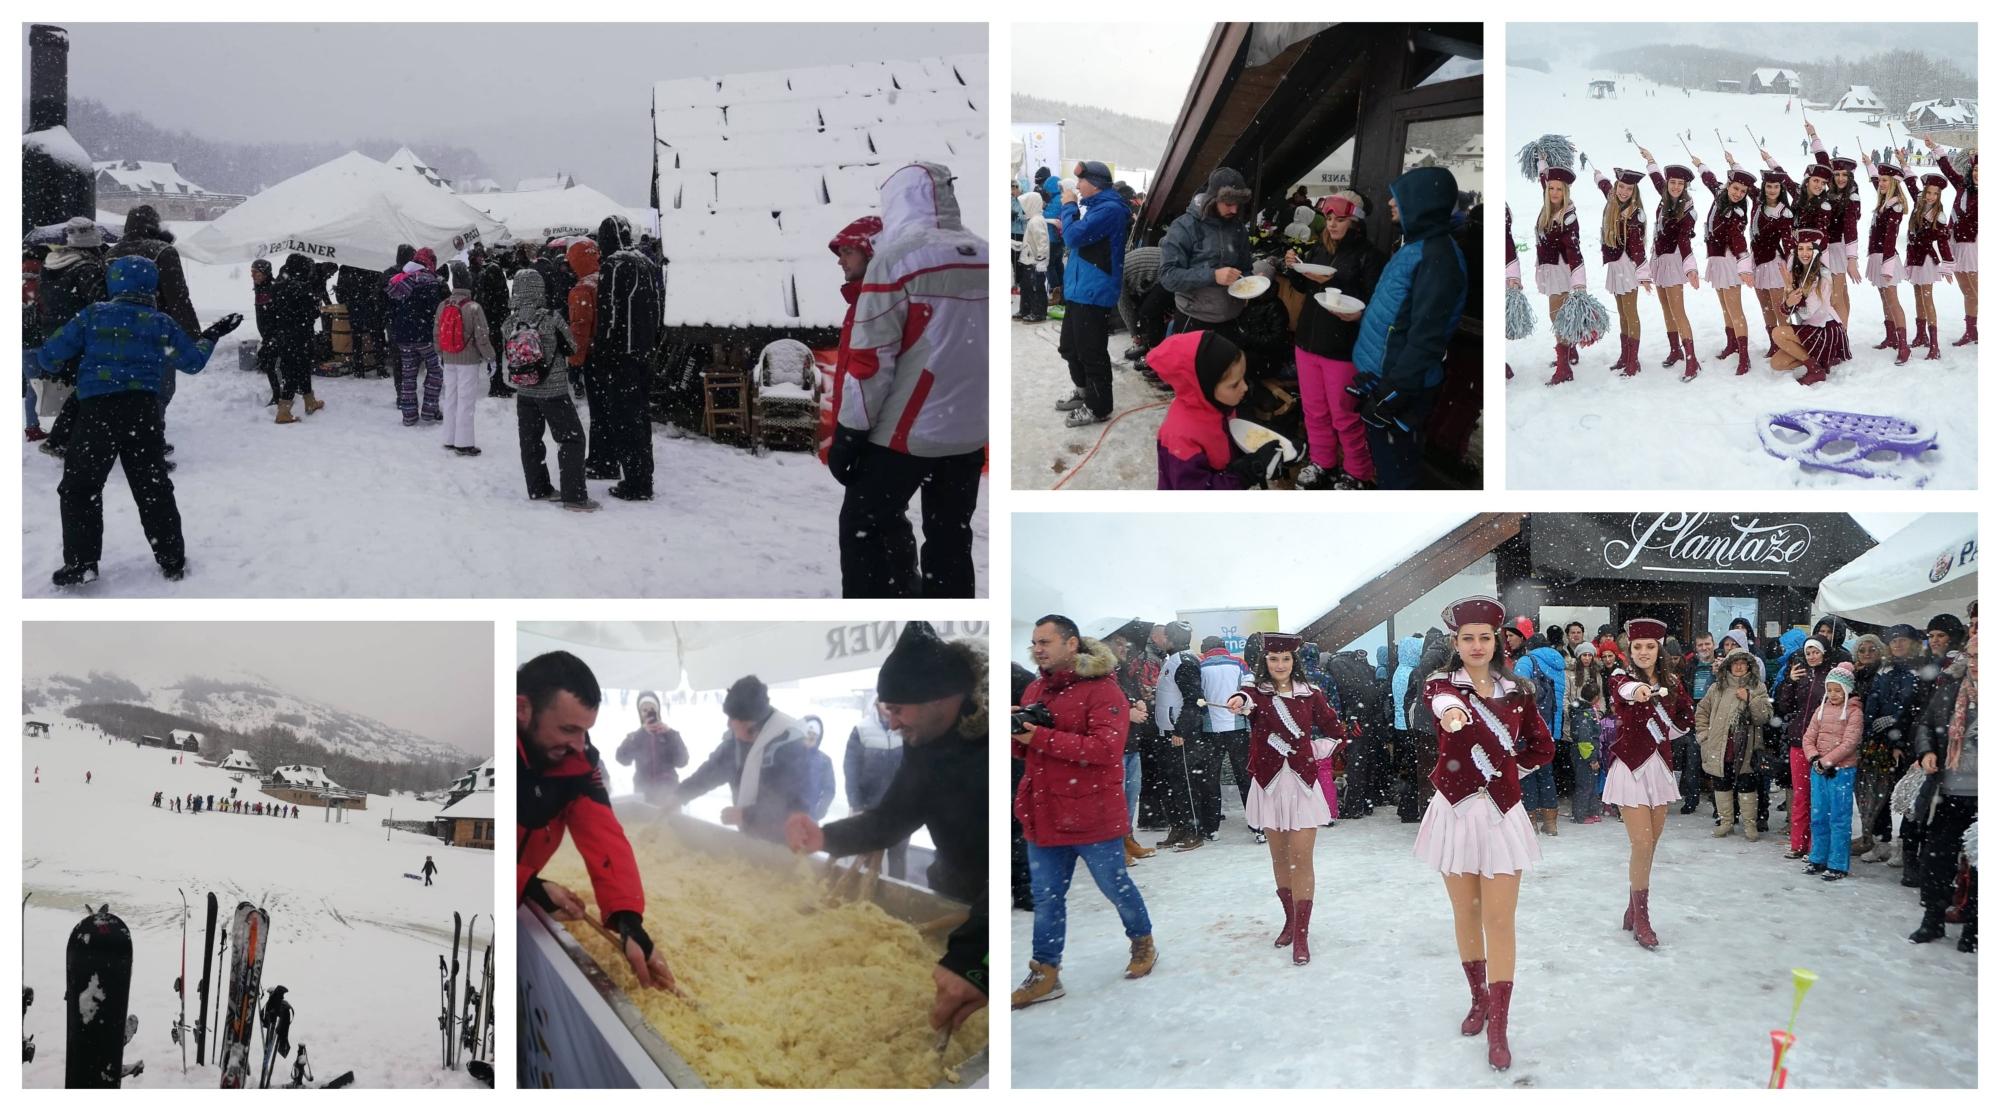 Otvorena sezona na Žabljaku: Kačamak, besplatan ski pas, popusti, zabavni program...